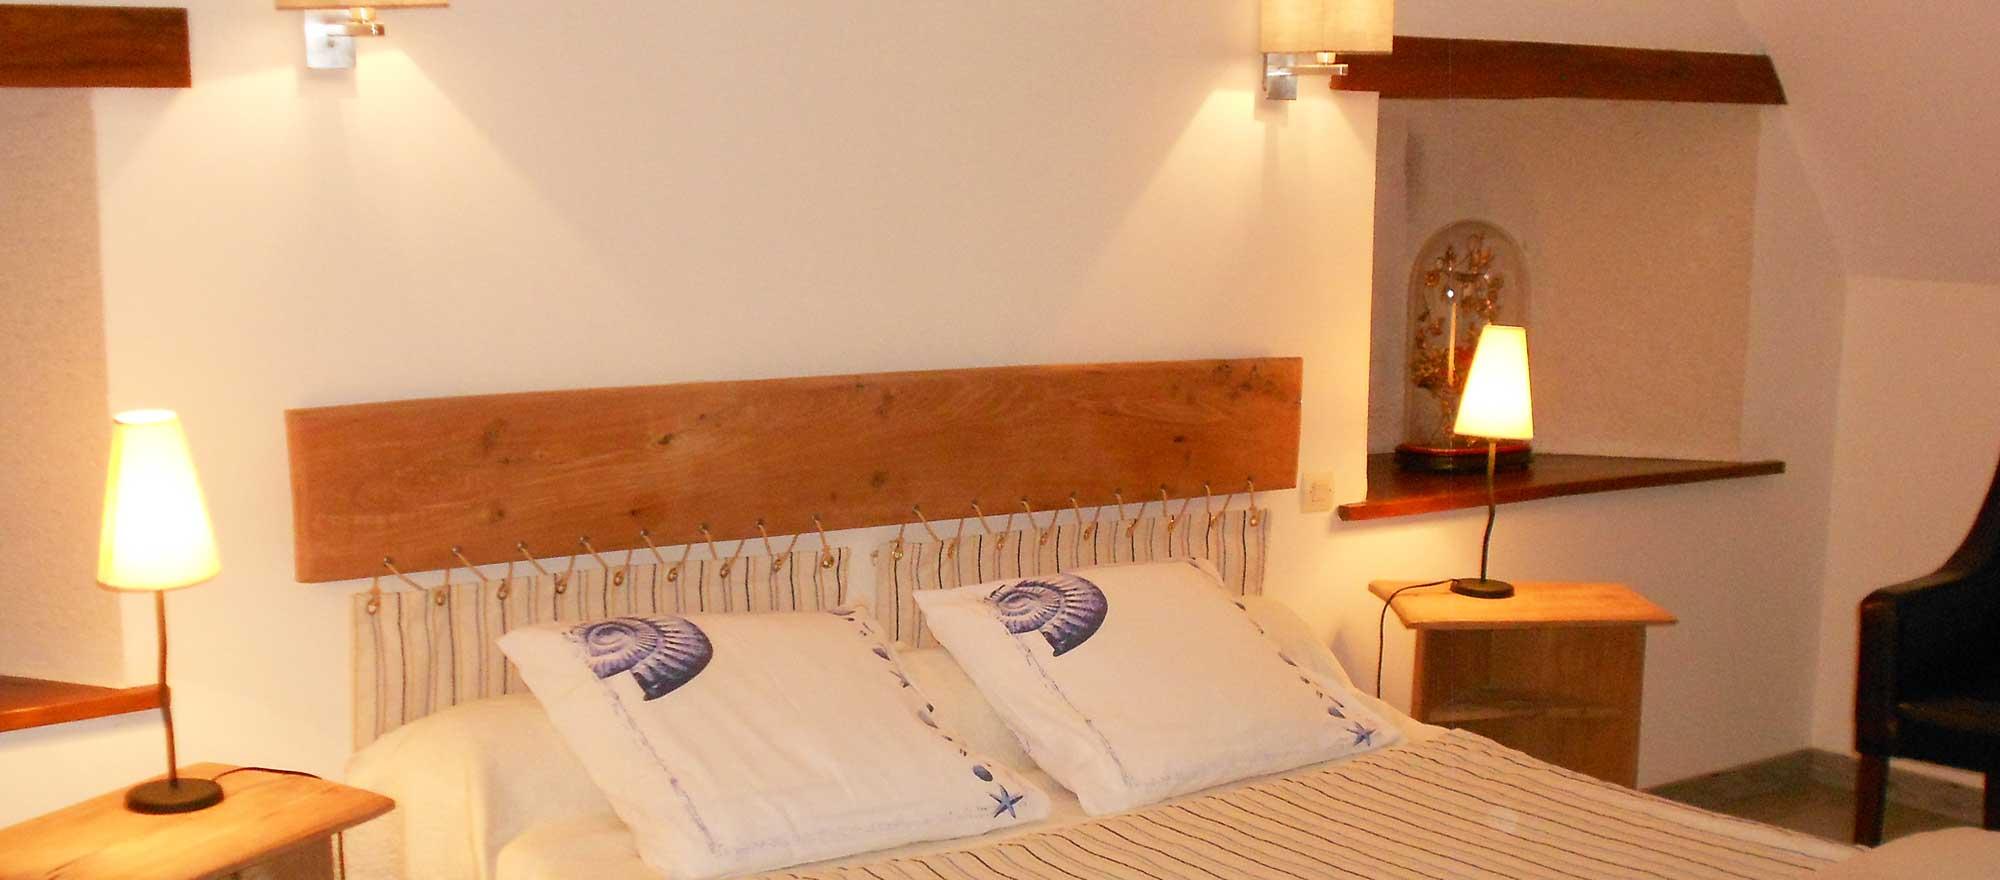 chambres d 39 h tes et gite proche bayeux plages du d barquement. Black Bedroom Furniture Sets. Home Design Ideas